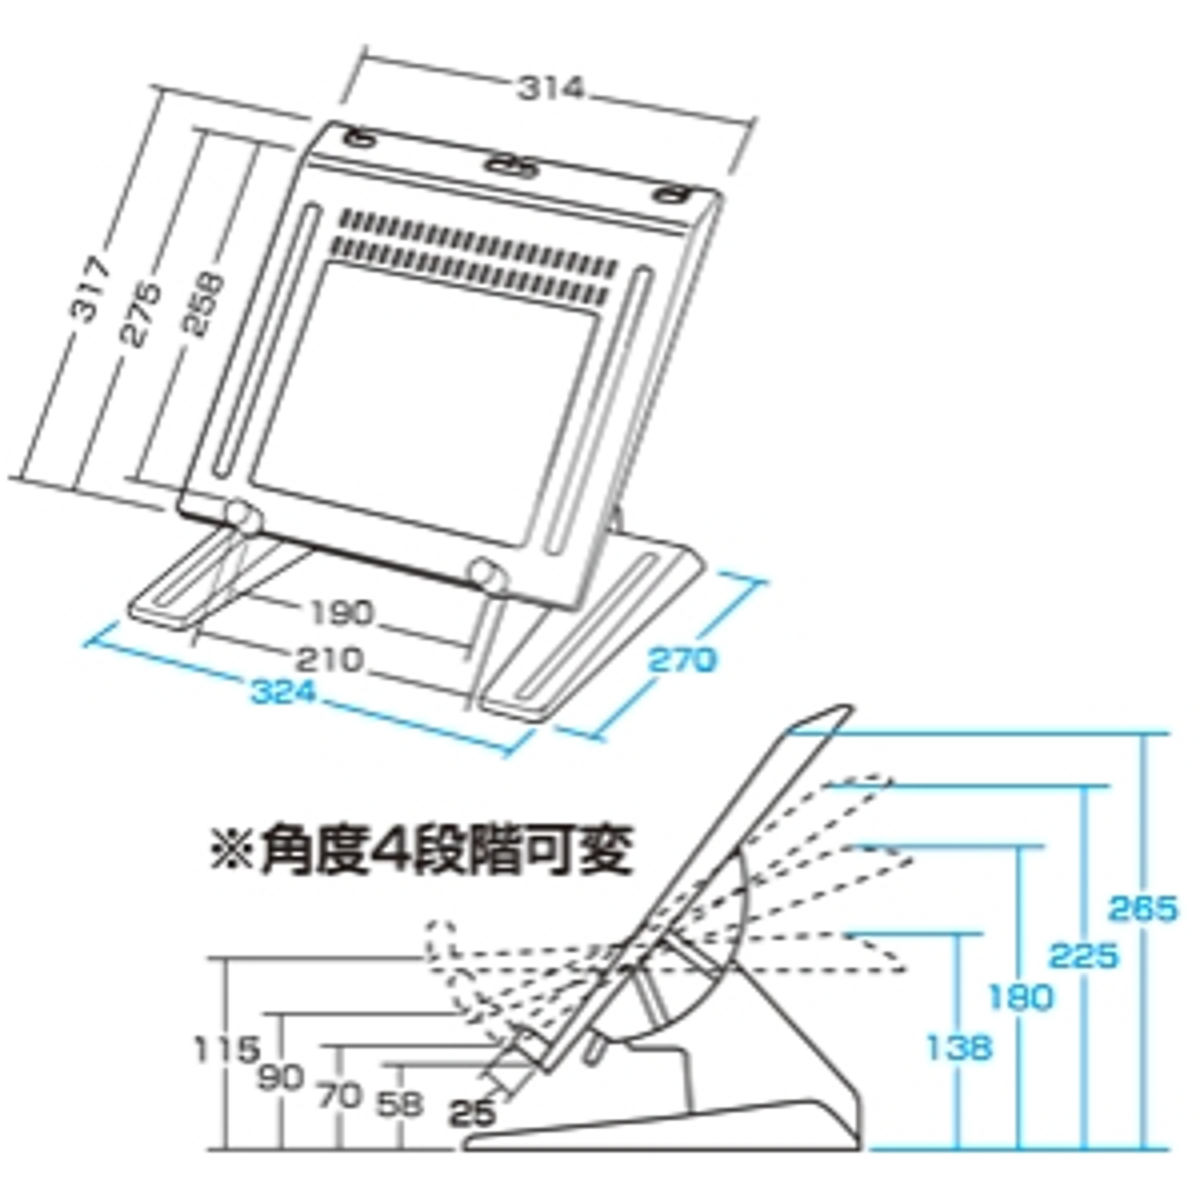 [CR-35] 4段階角度調整・キーボード収納スペース付きノートPCスタンド ダークグレー